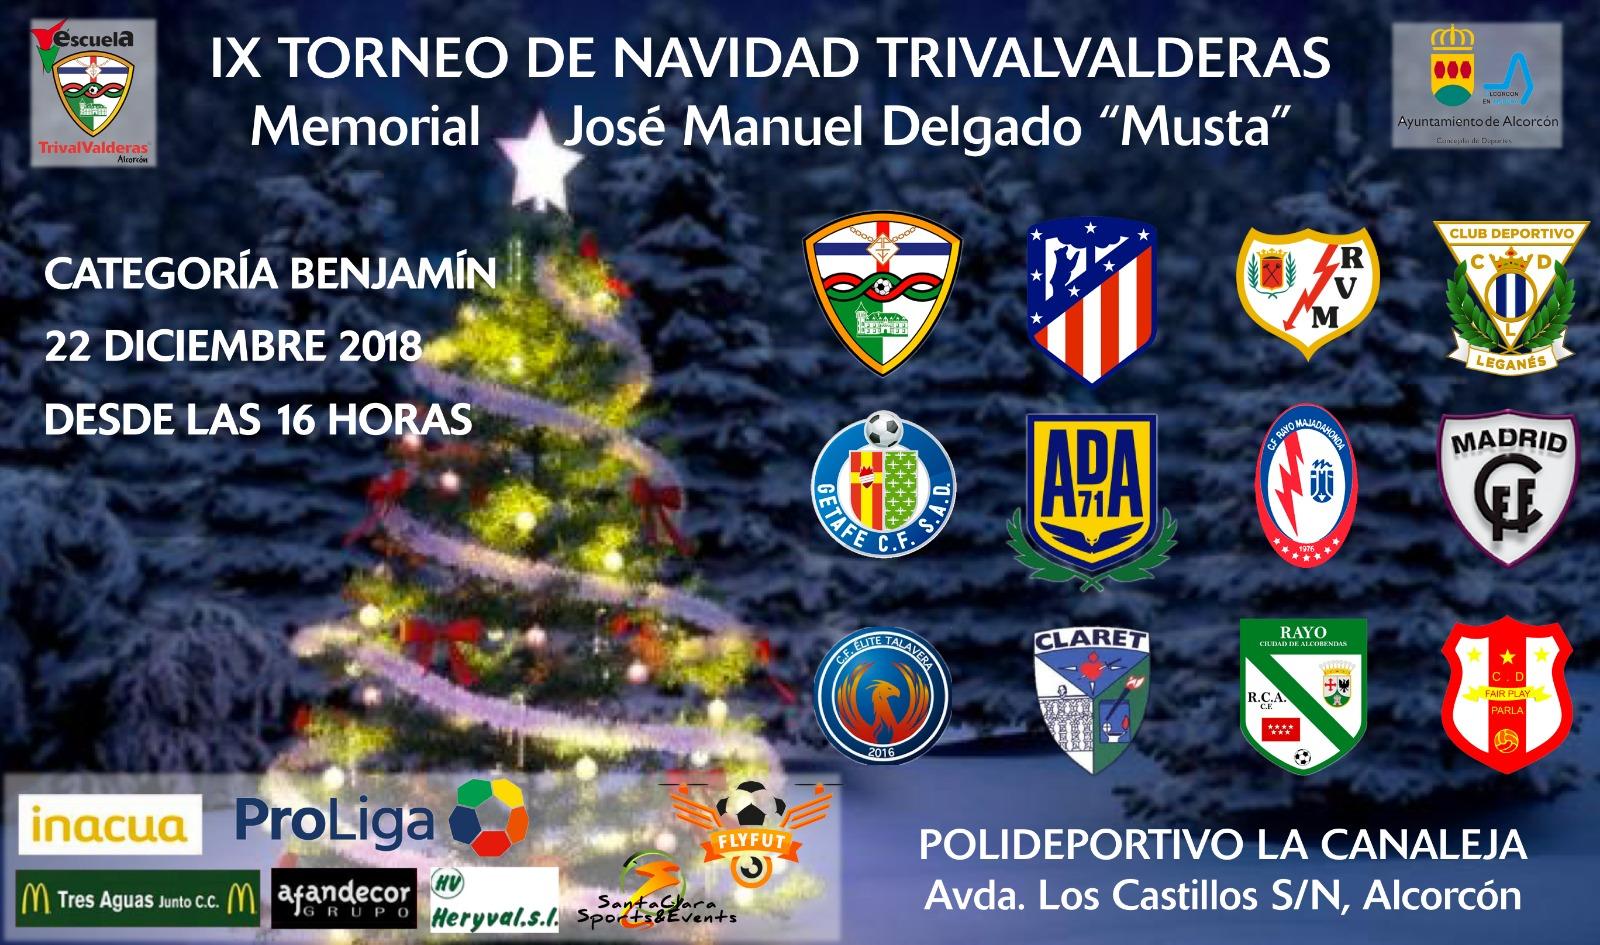 IX TORNEO DE NAVIDAD TRIVALVALDERAS – Memorial José Manuel Delgado «Musta»